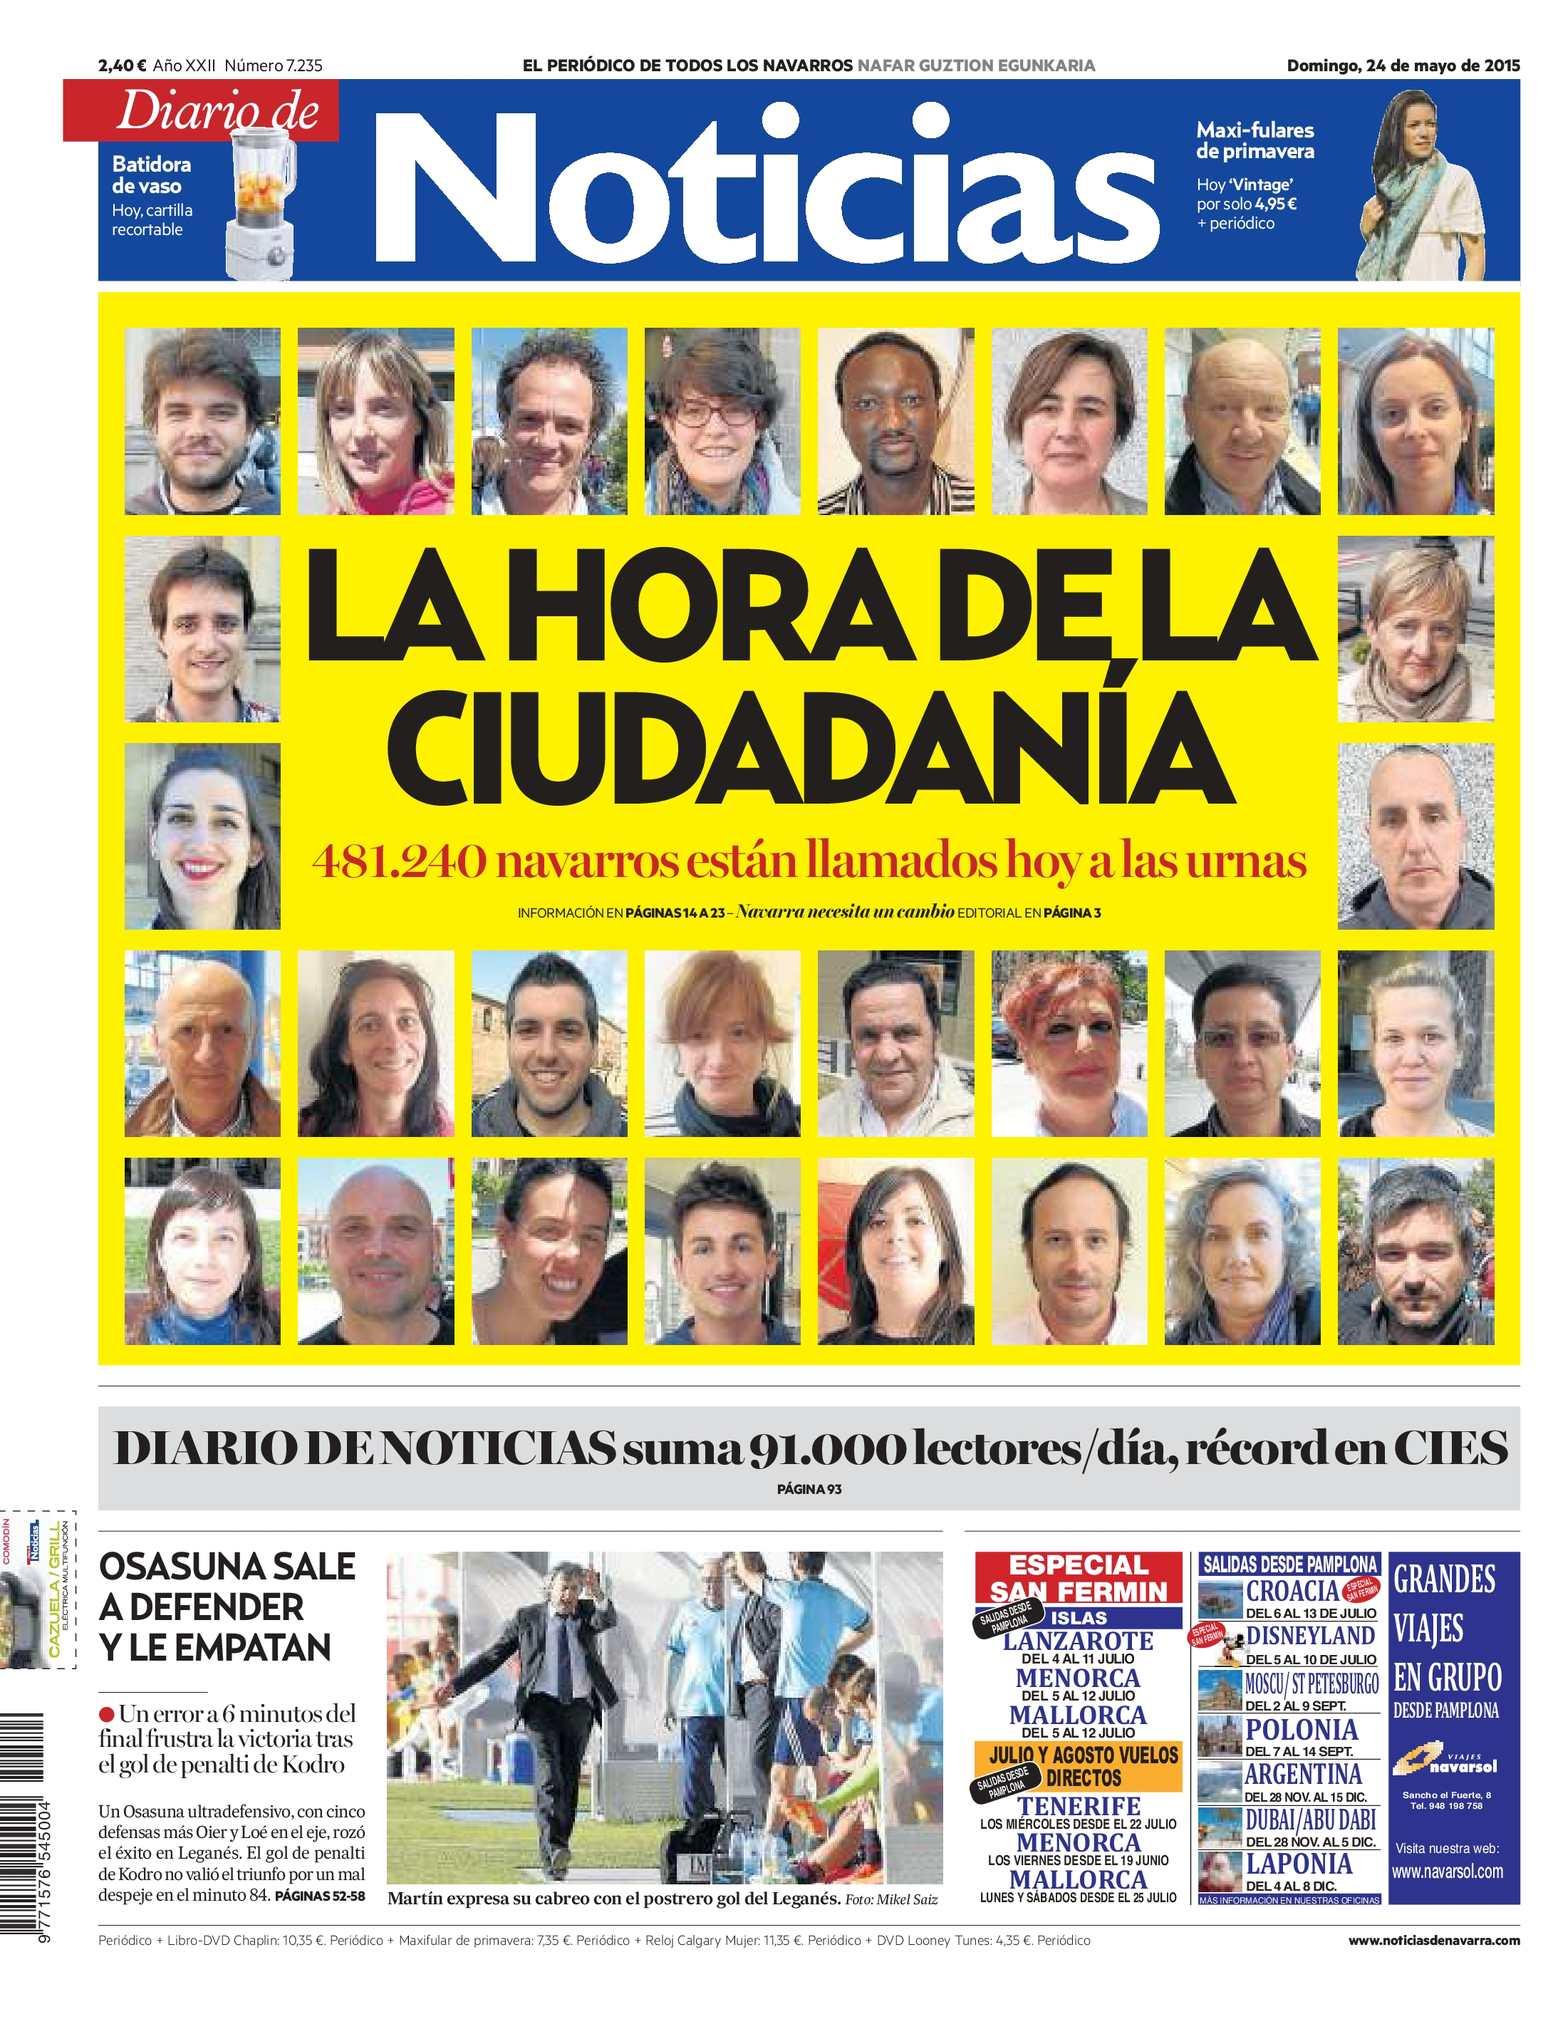 fb72e8681676b Calaméo - Diario de Noticias 20150524